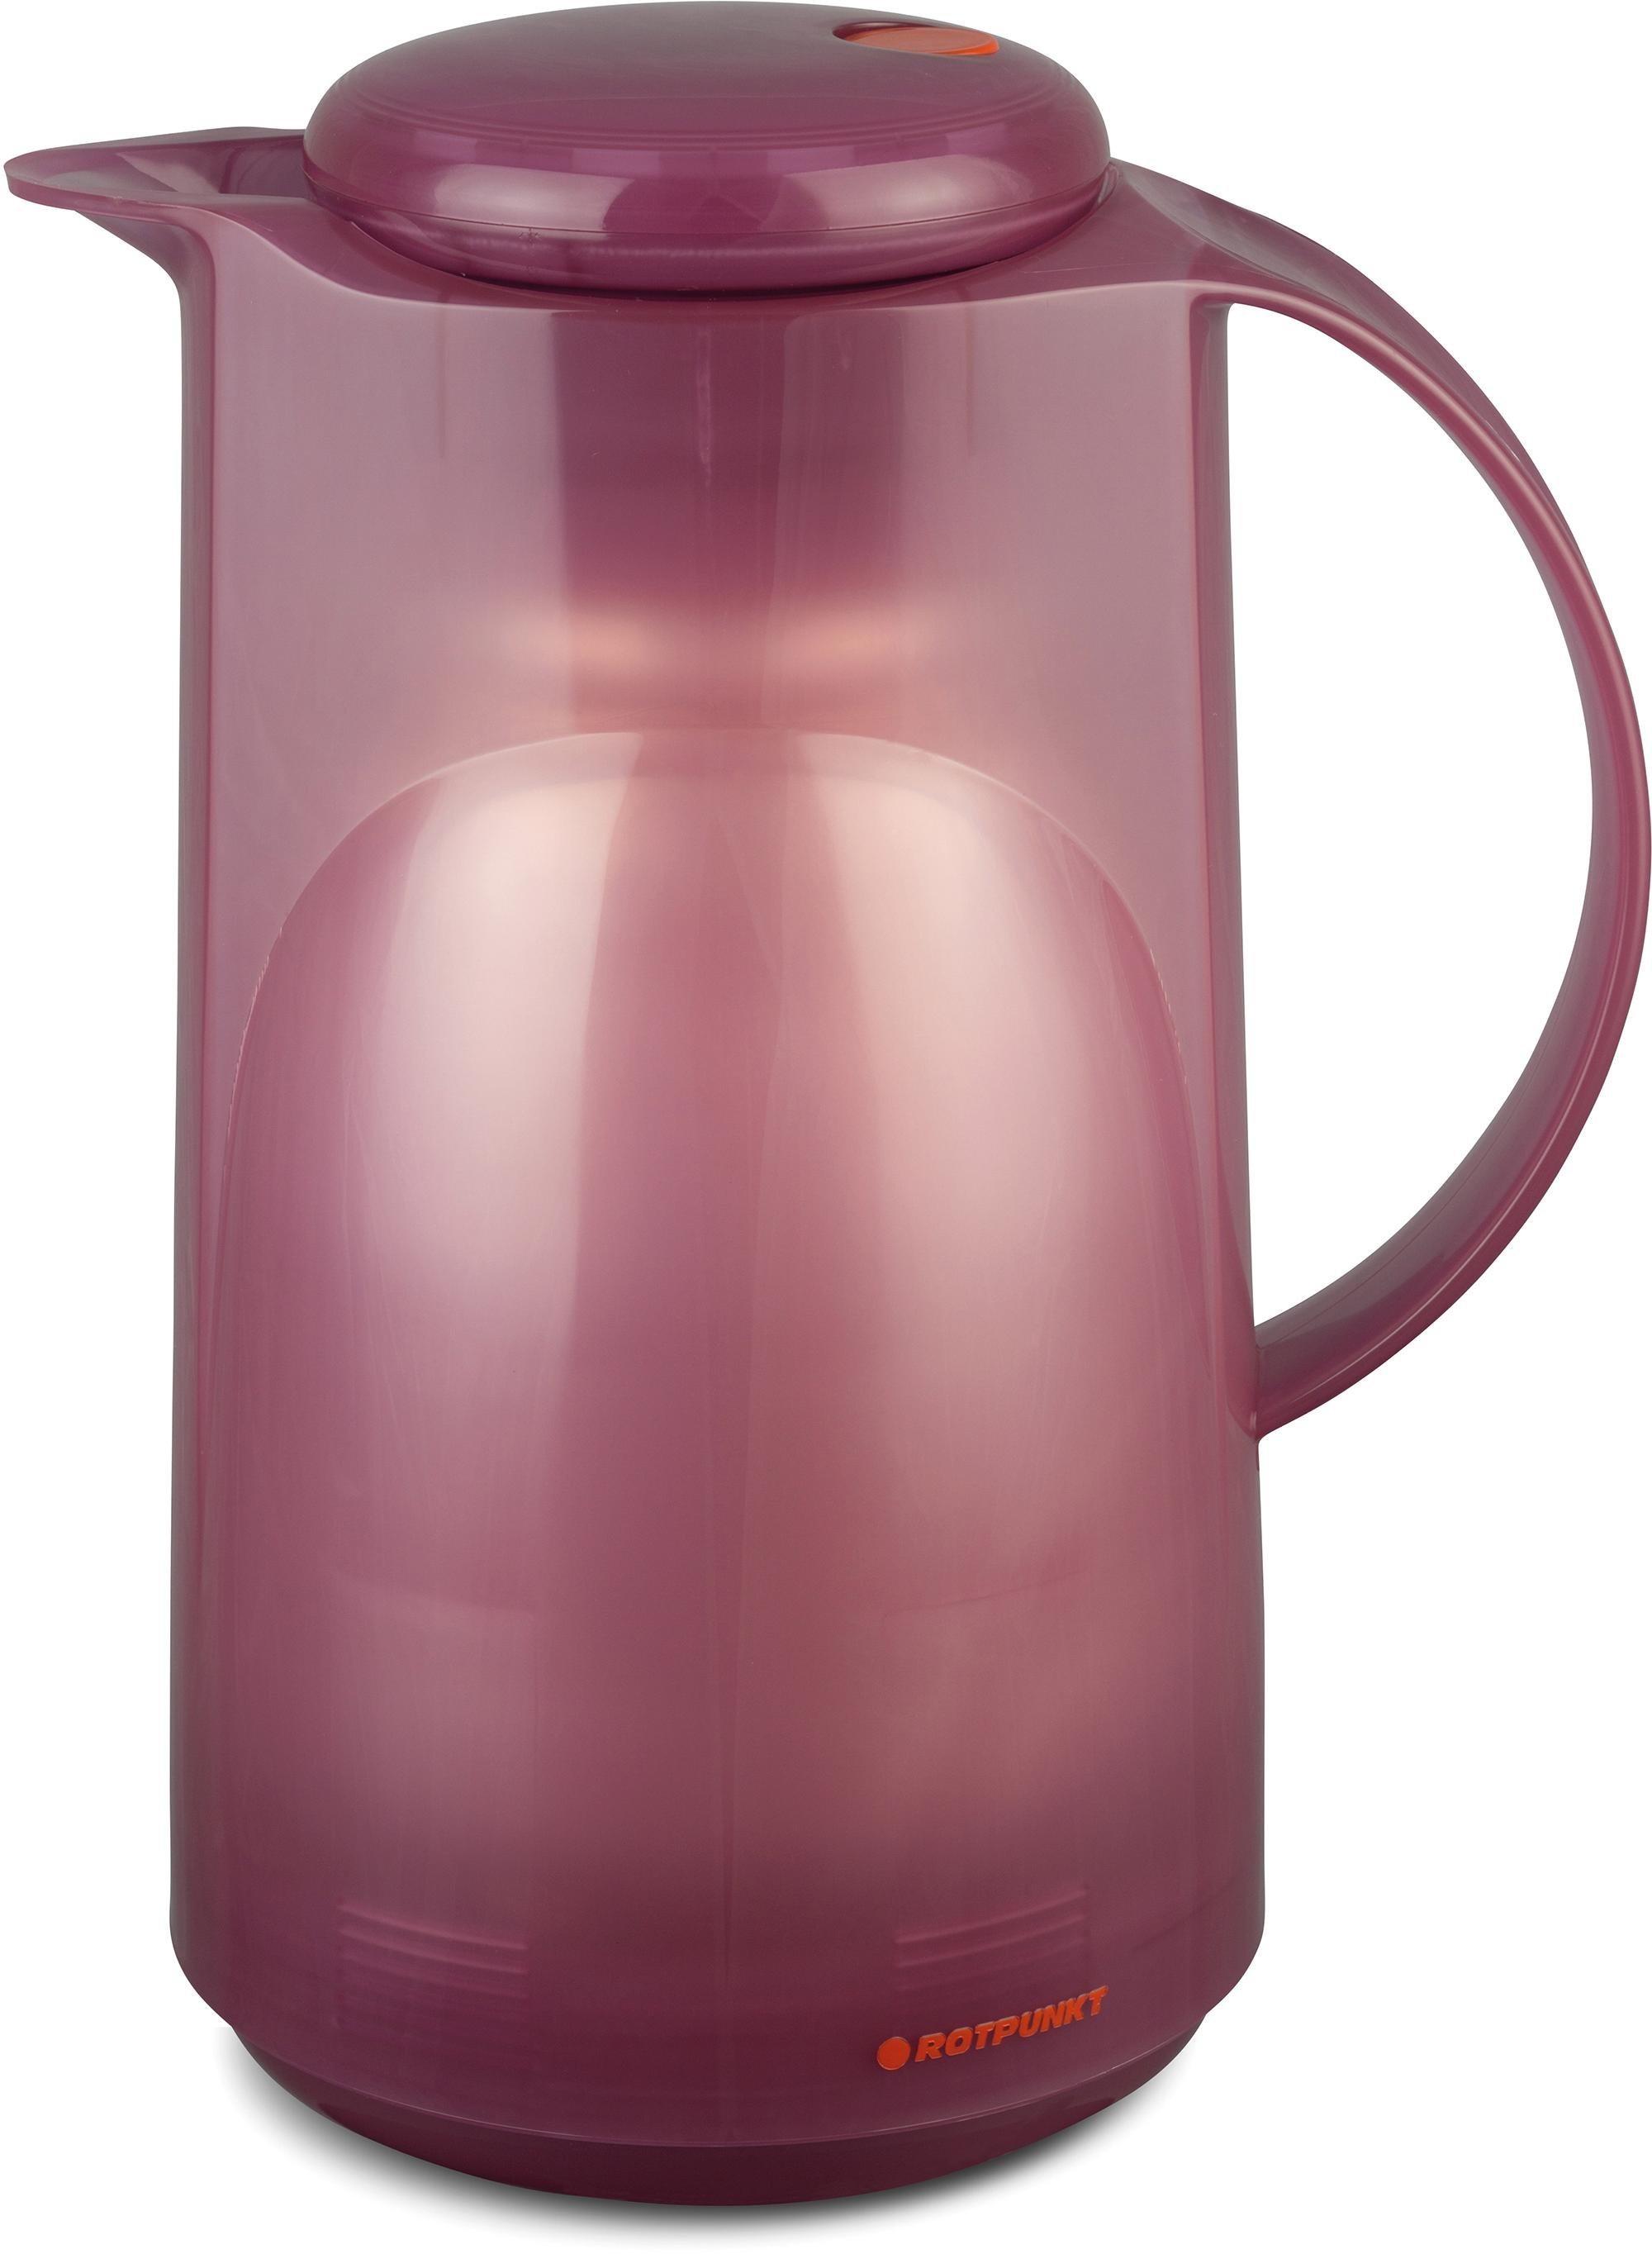 Warmwasserspeicher Liter 300 Liter Preisvergleich • Die besten ...